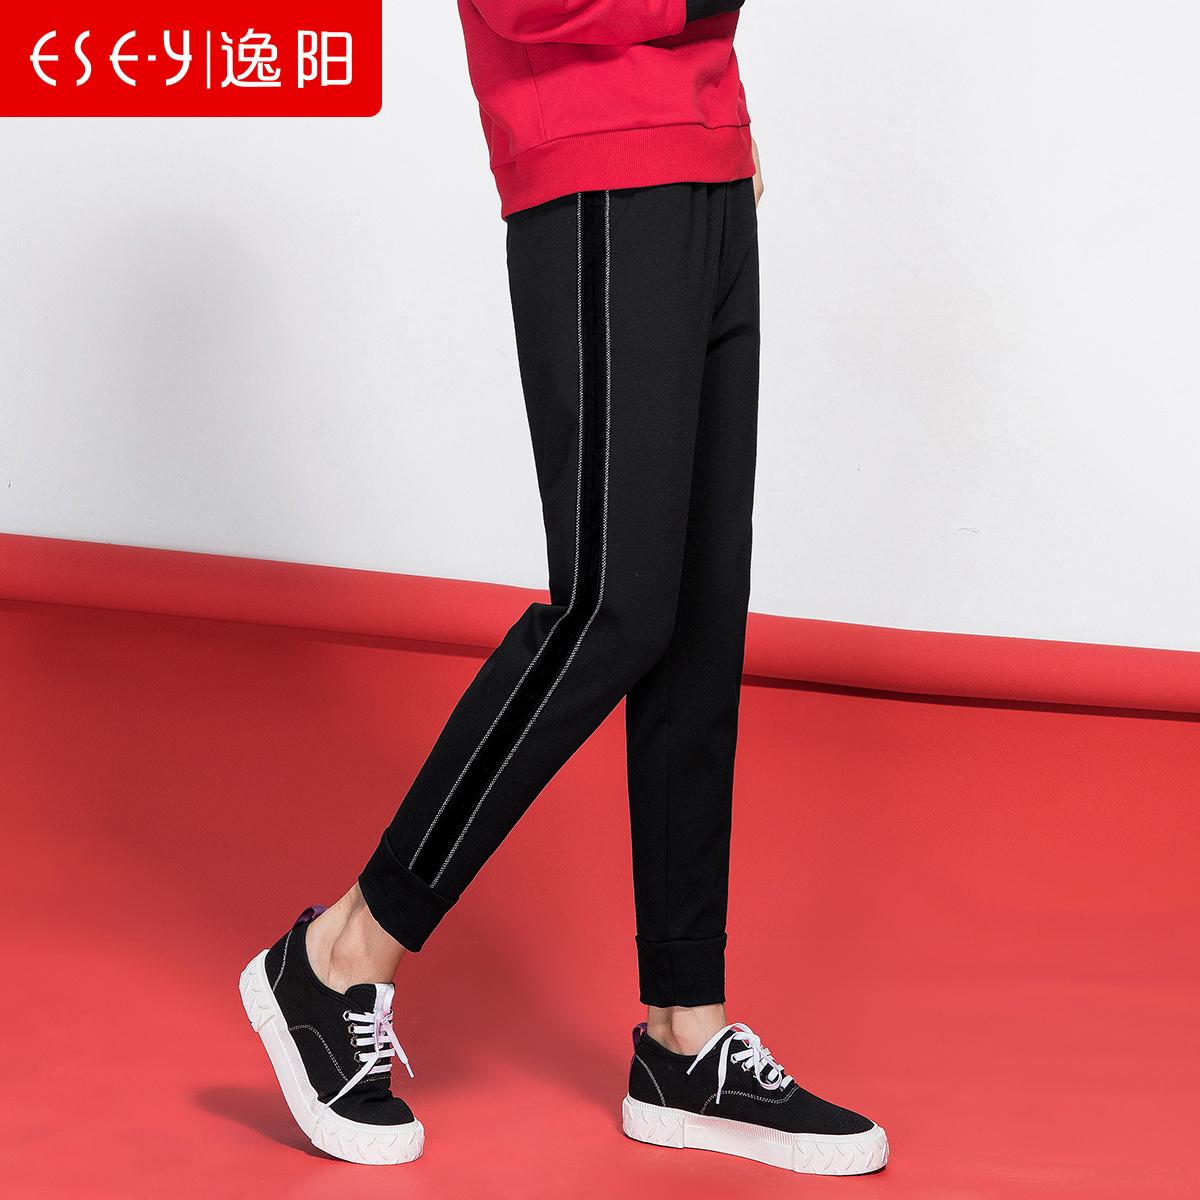 新款韩版垮裤